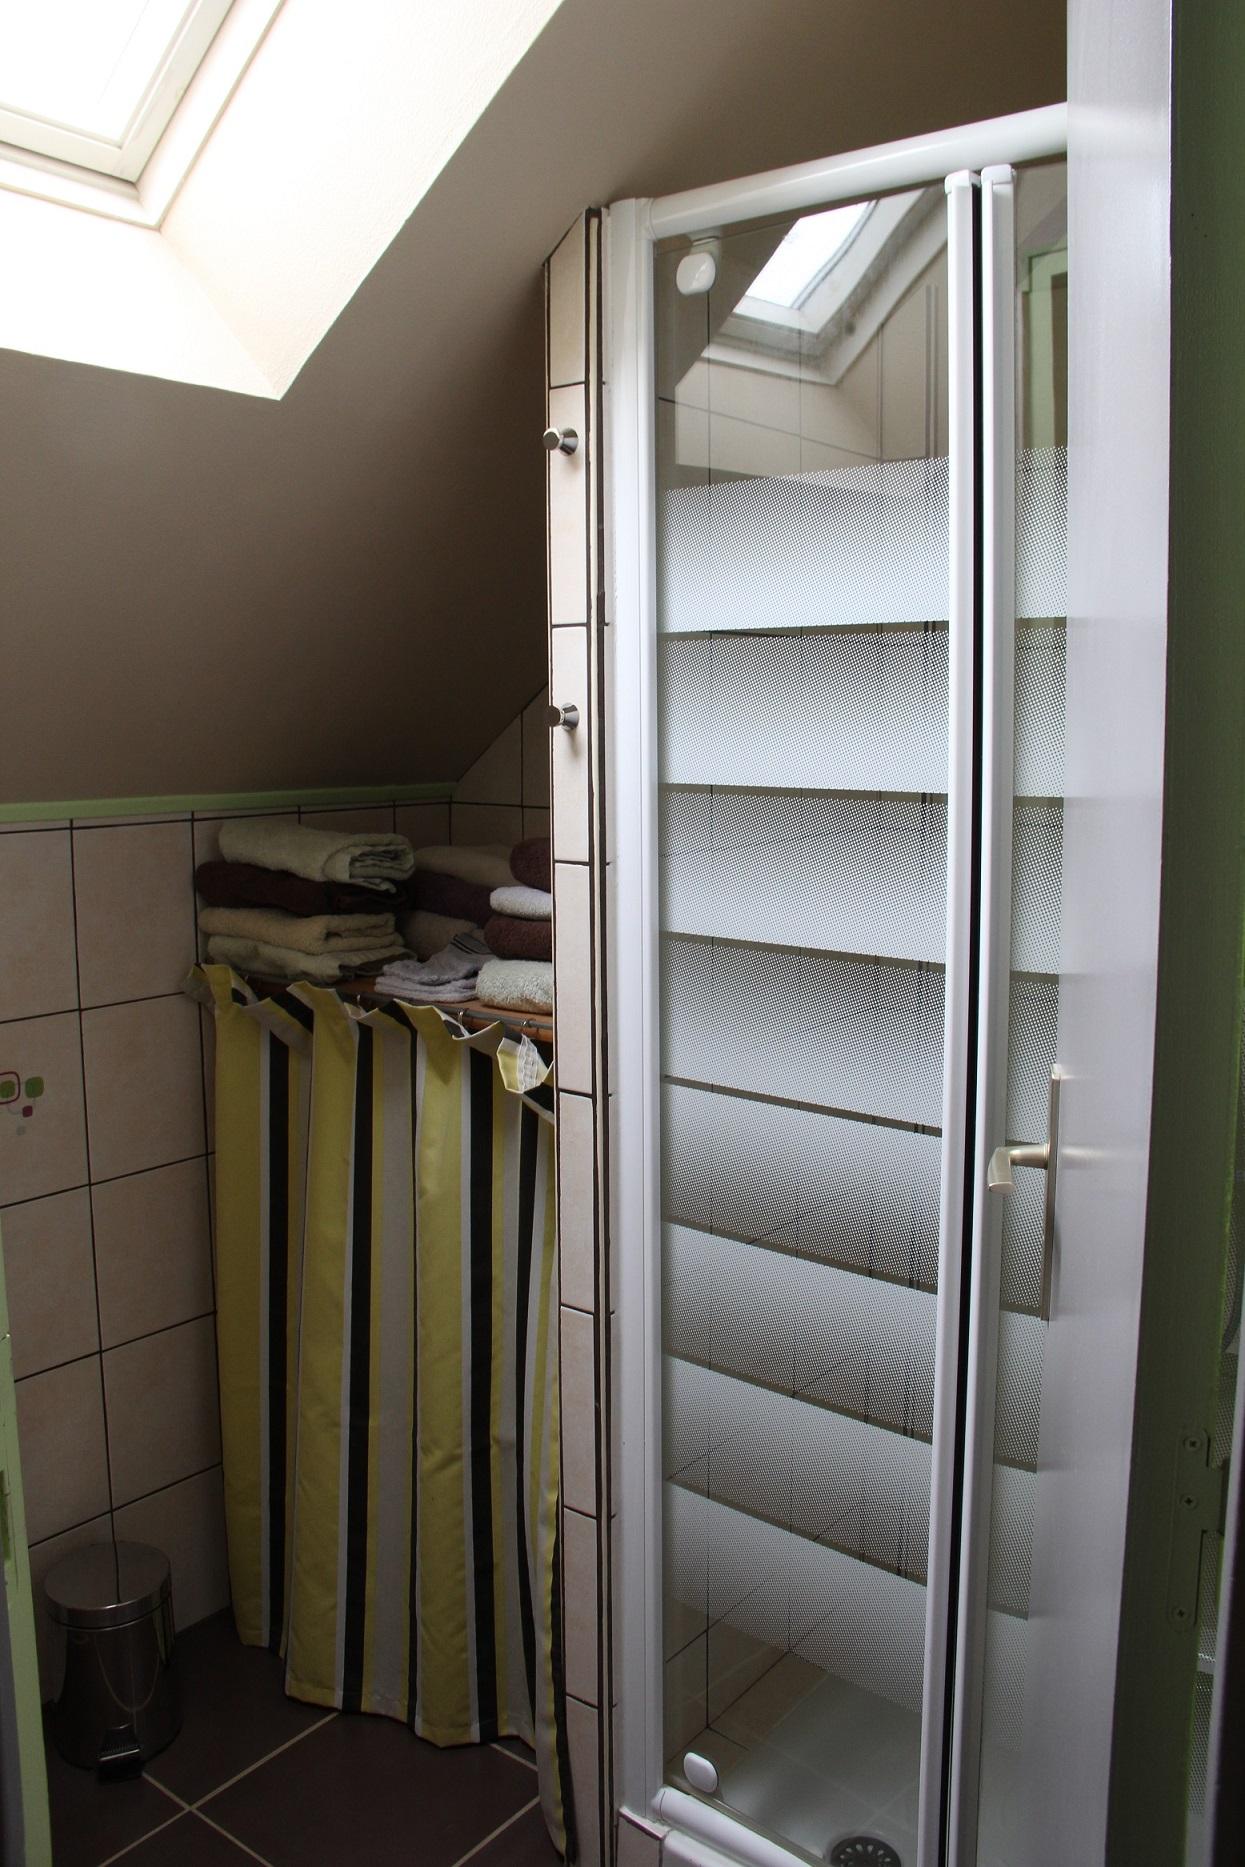 Chambres d 39 h tes thourie - Chambres d hotes villefranche de rouergue ...